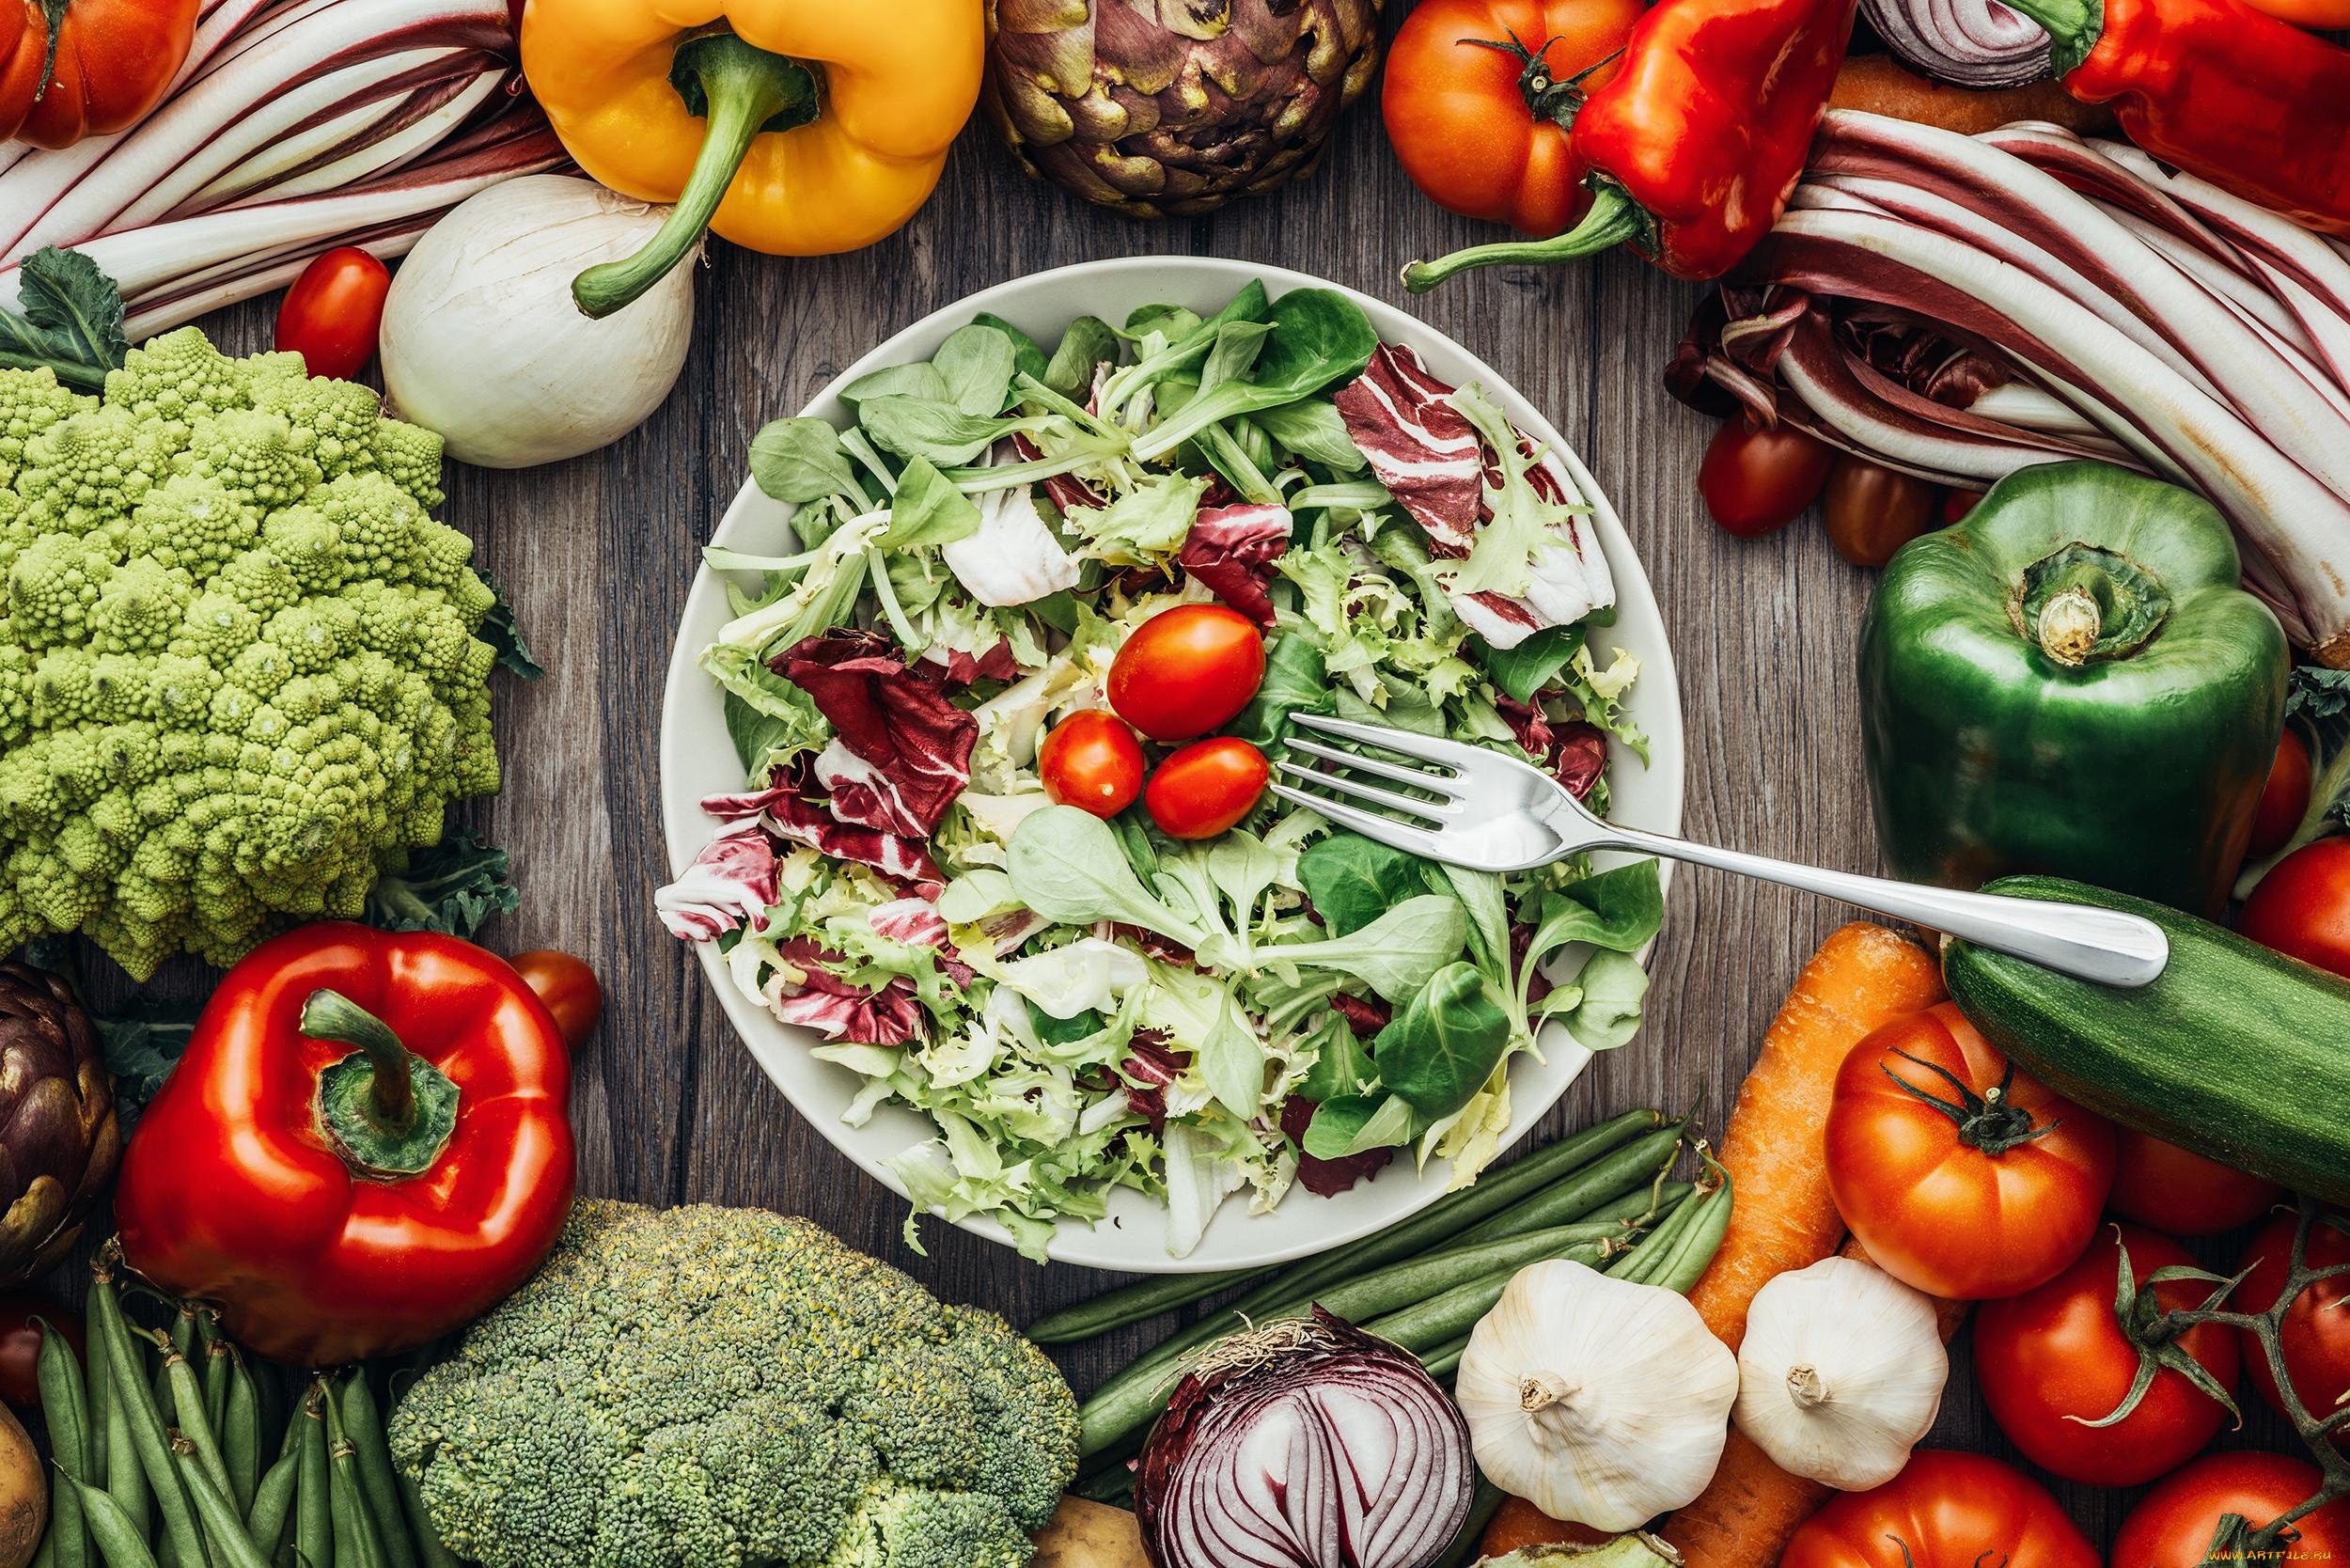 Картинки еды и продуктов